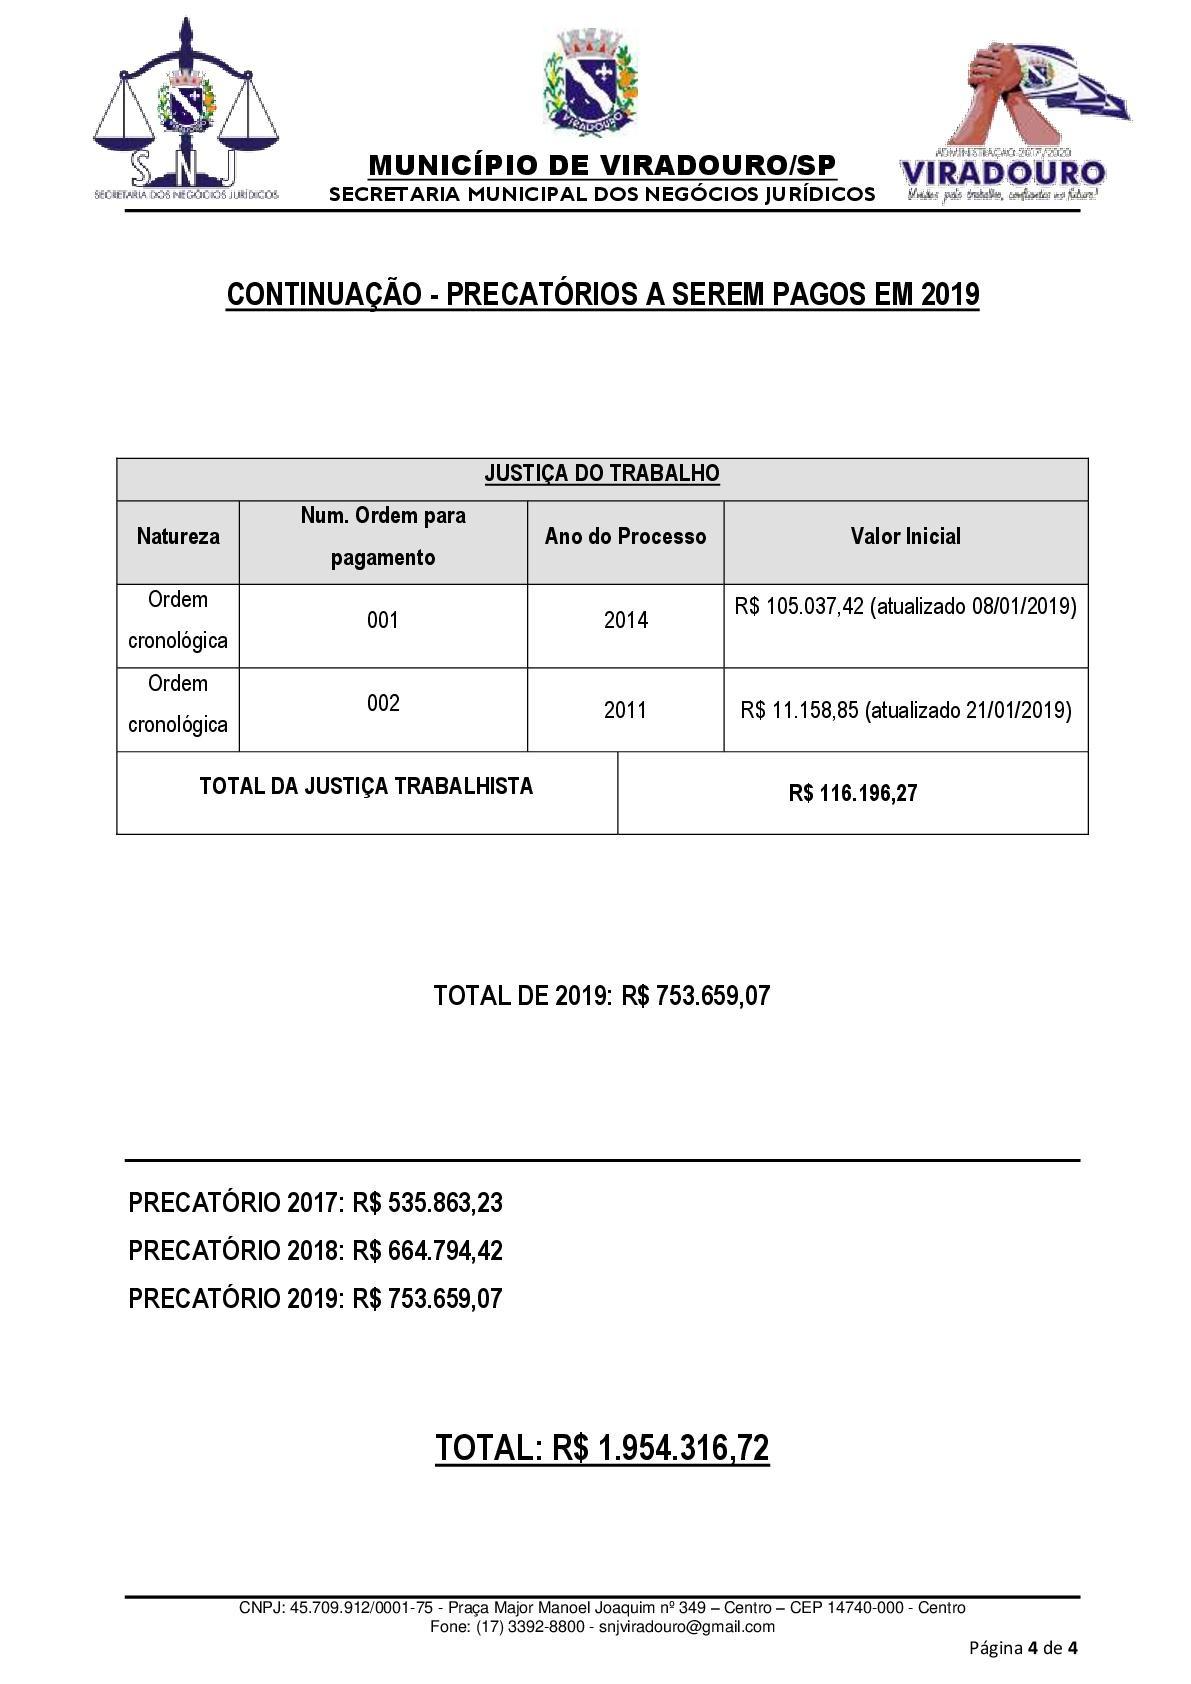 Precatórios 2001 - 2016